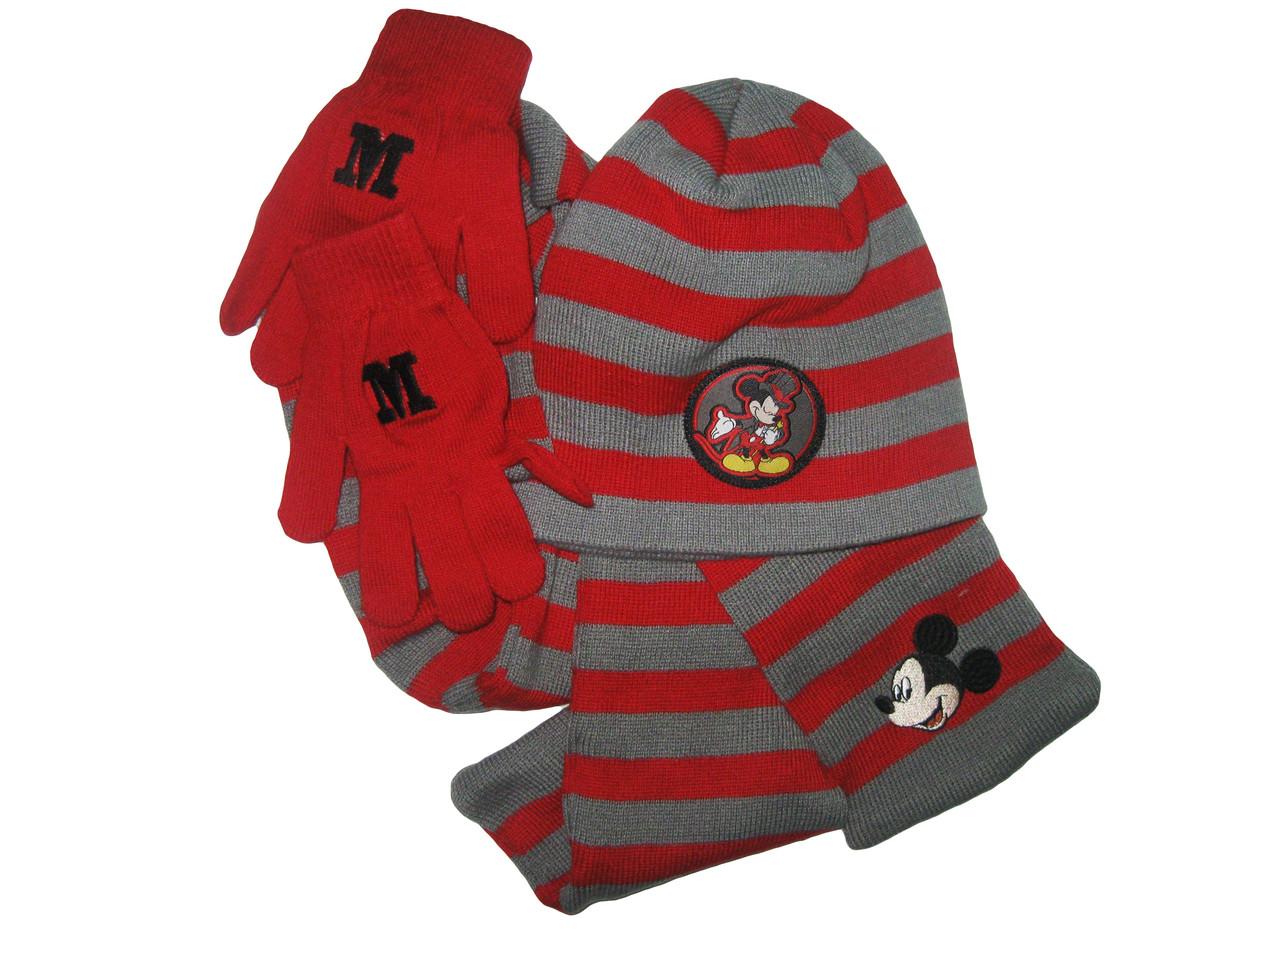 Комплект для мальчиков(шапка+шарф+перчатки), Lupilu, размер 110/116-122/28, арт. Л-186/1